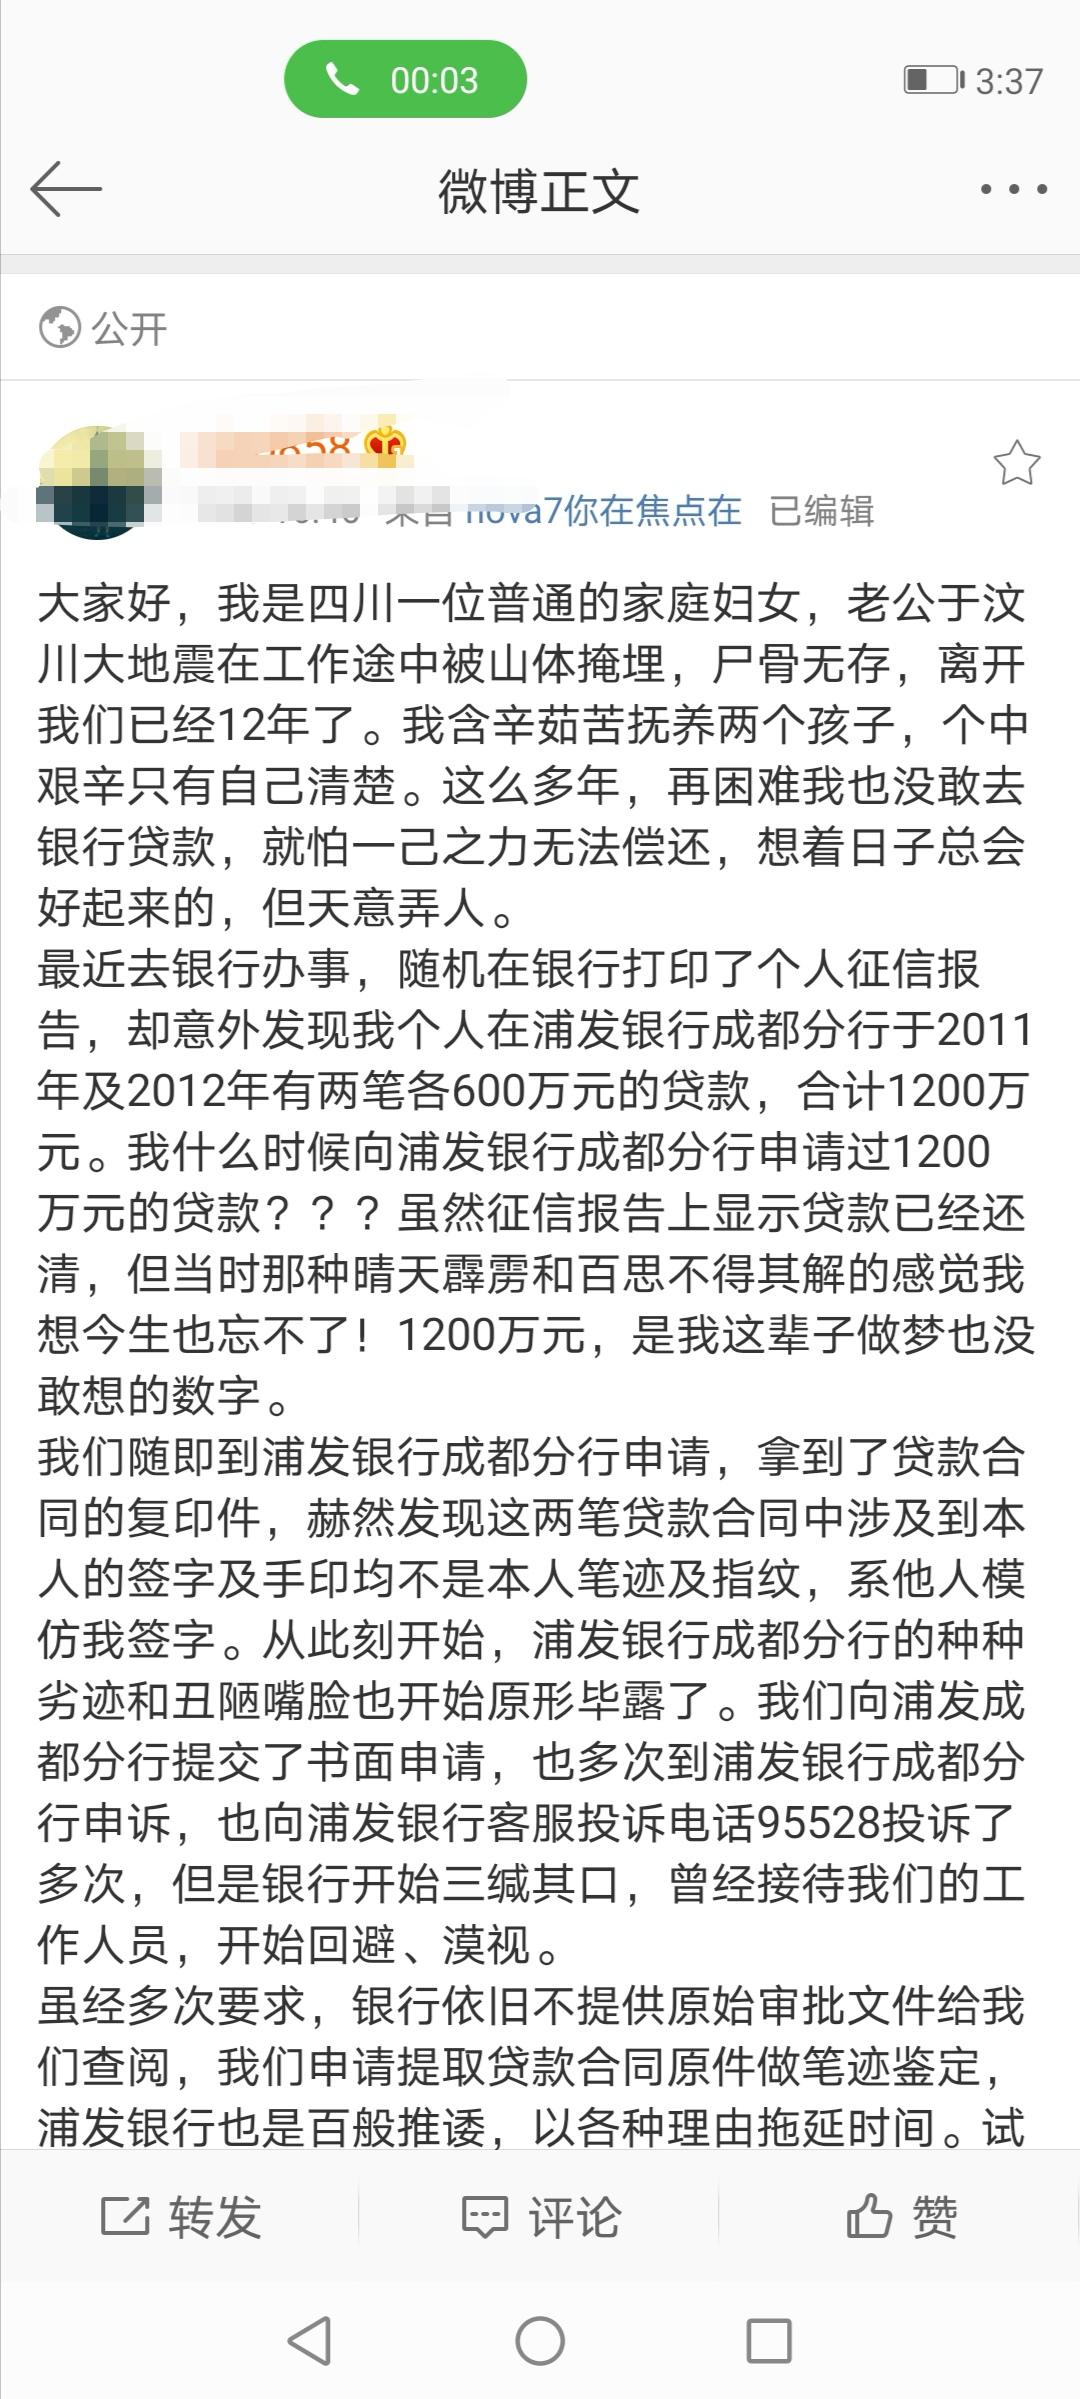 """【培训快猫网址】_四川银保监局回应""""一居民被贷款1200万元"""":已接到投诉"""